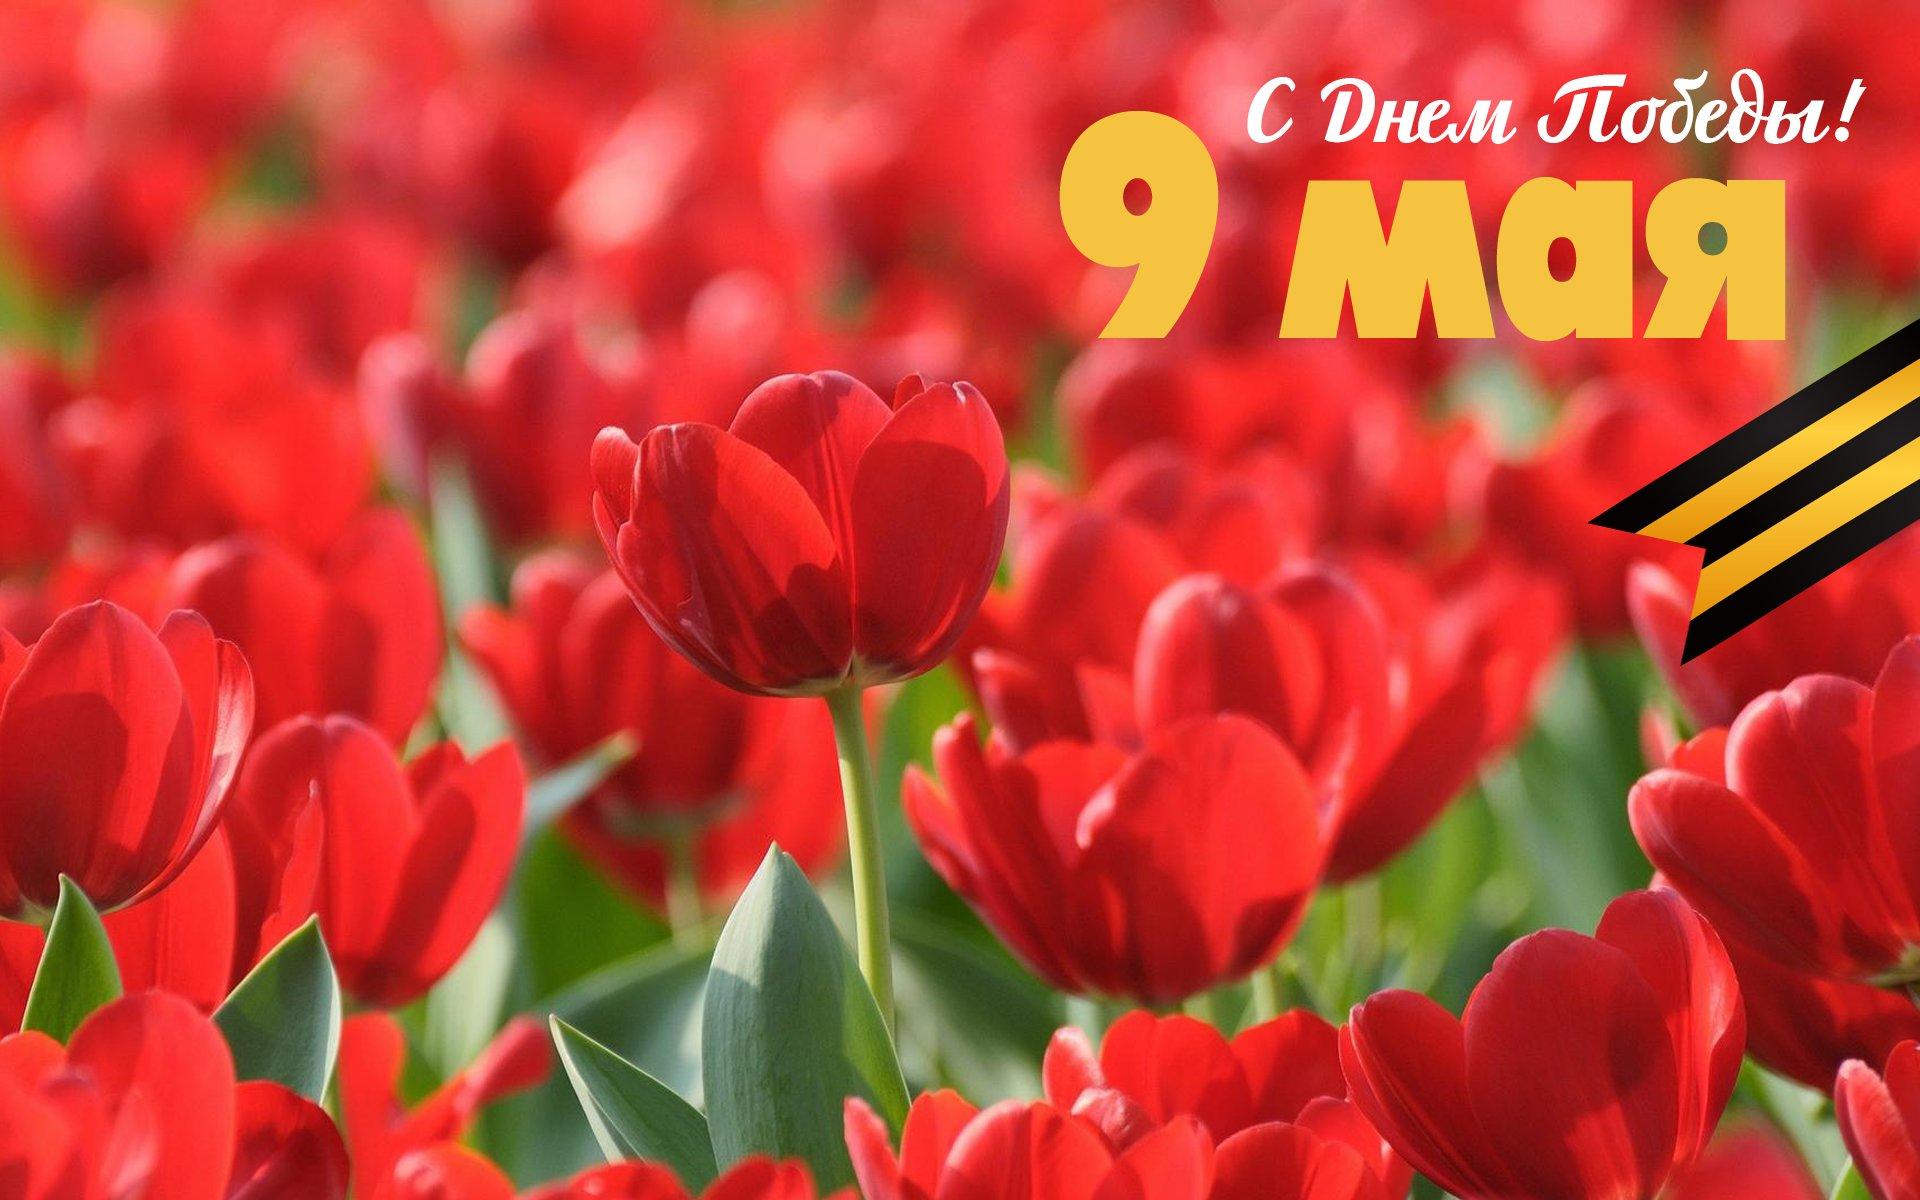 значение ячейке тюльпаны на день победы открытки фото изготовление дроби переливкой